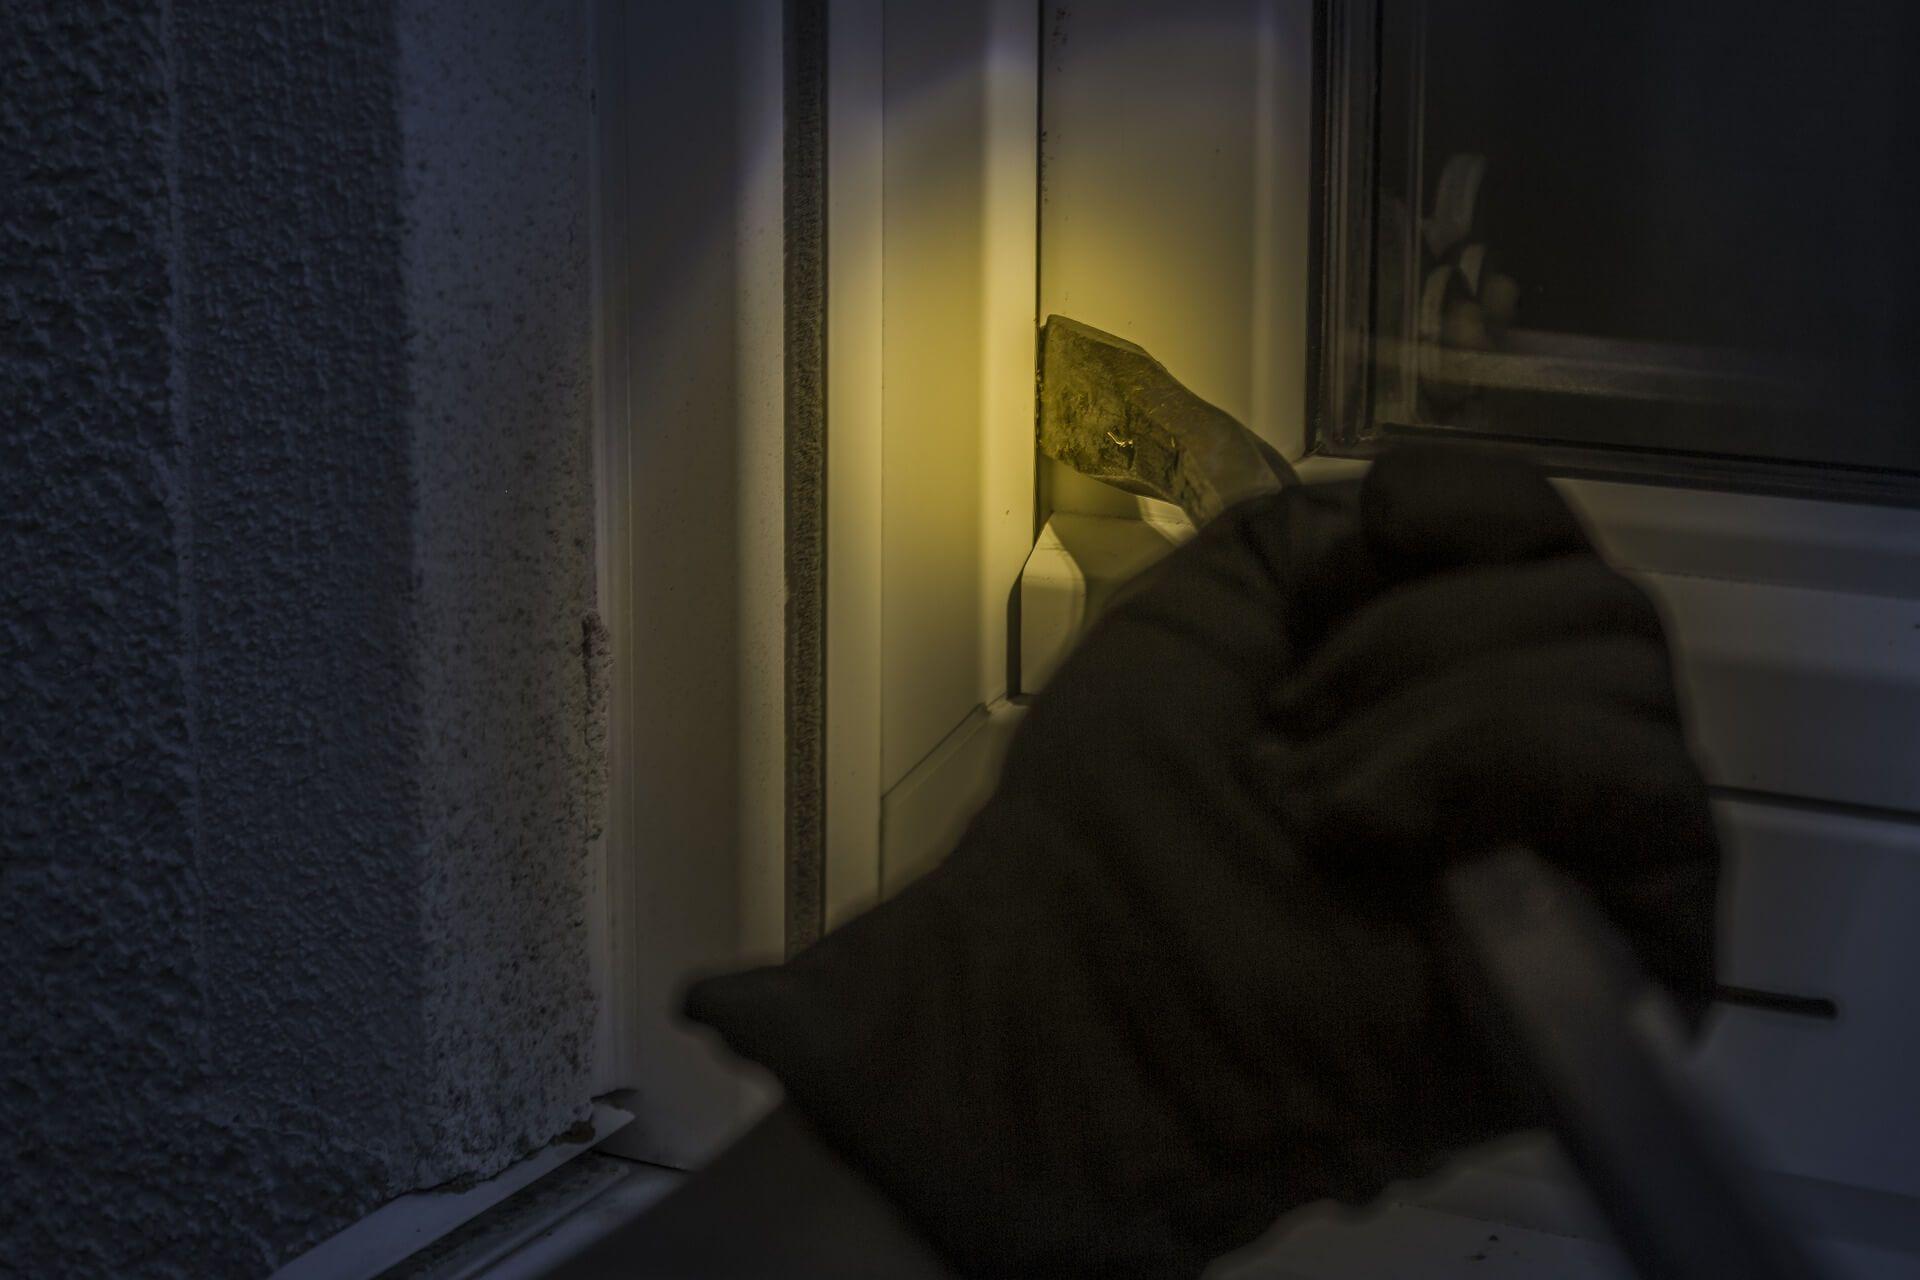 Cómo proteger tu hogar de okupas, añadiendo medidas de seguridad, tecnología etc